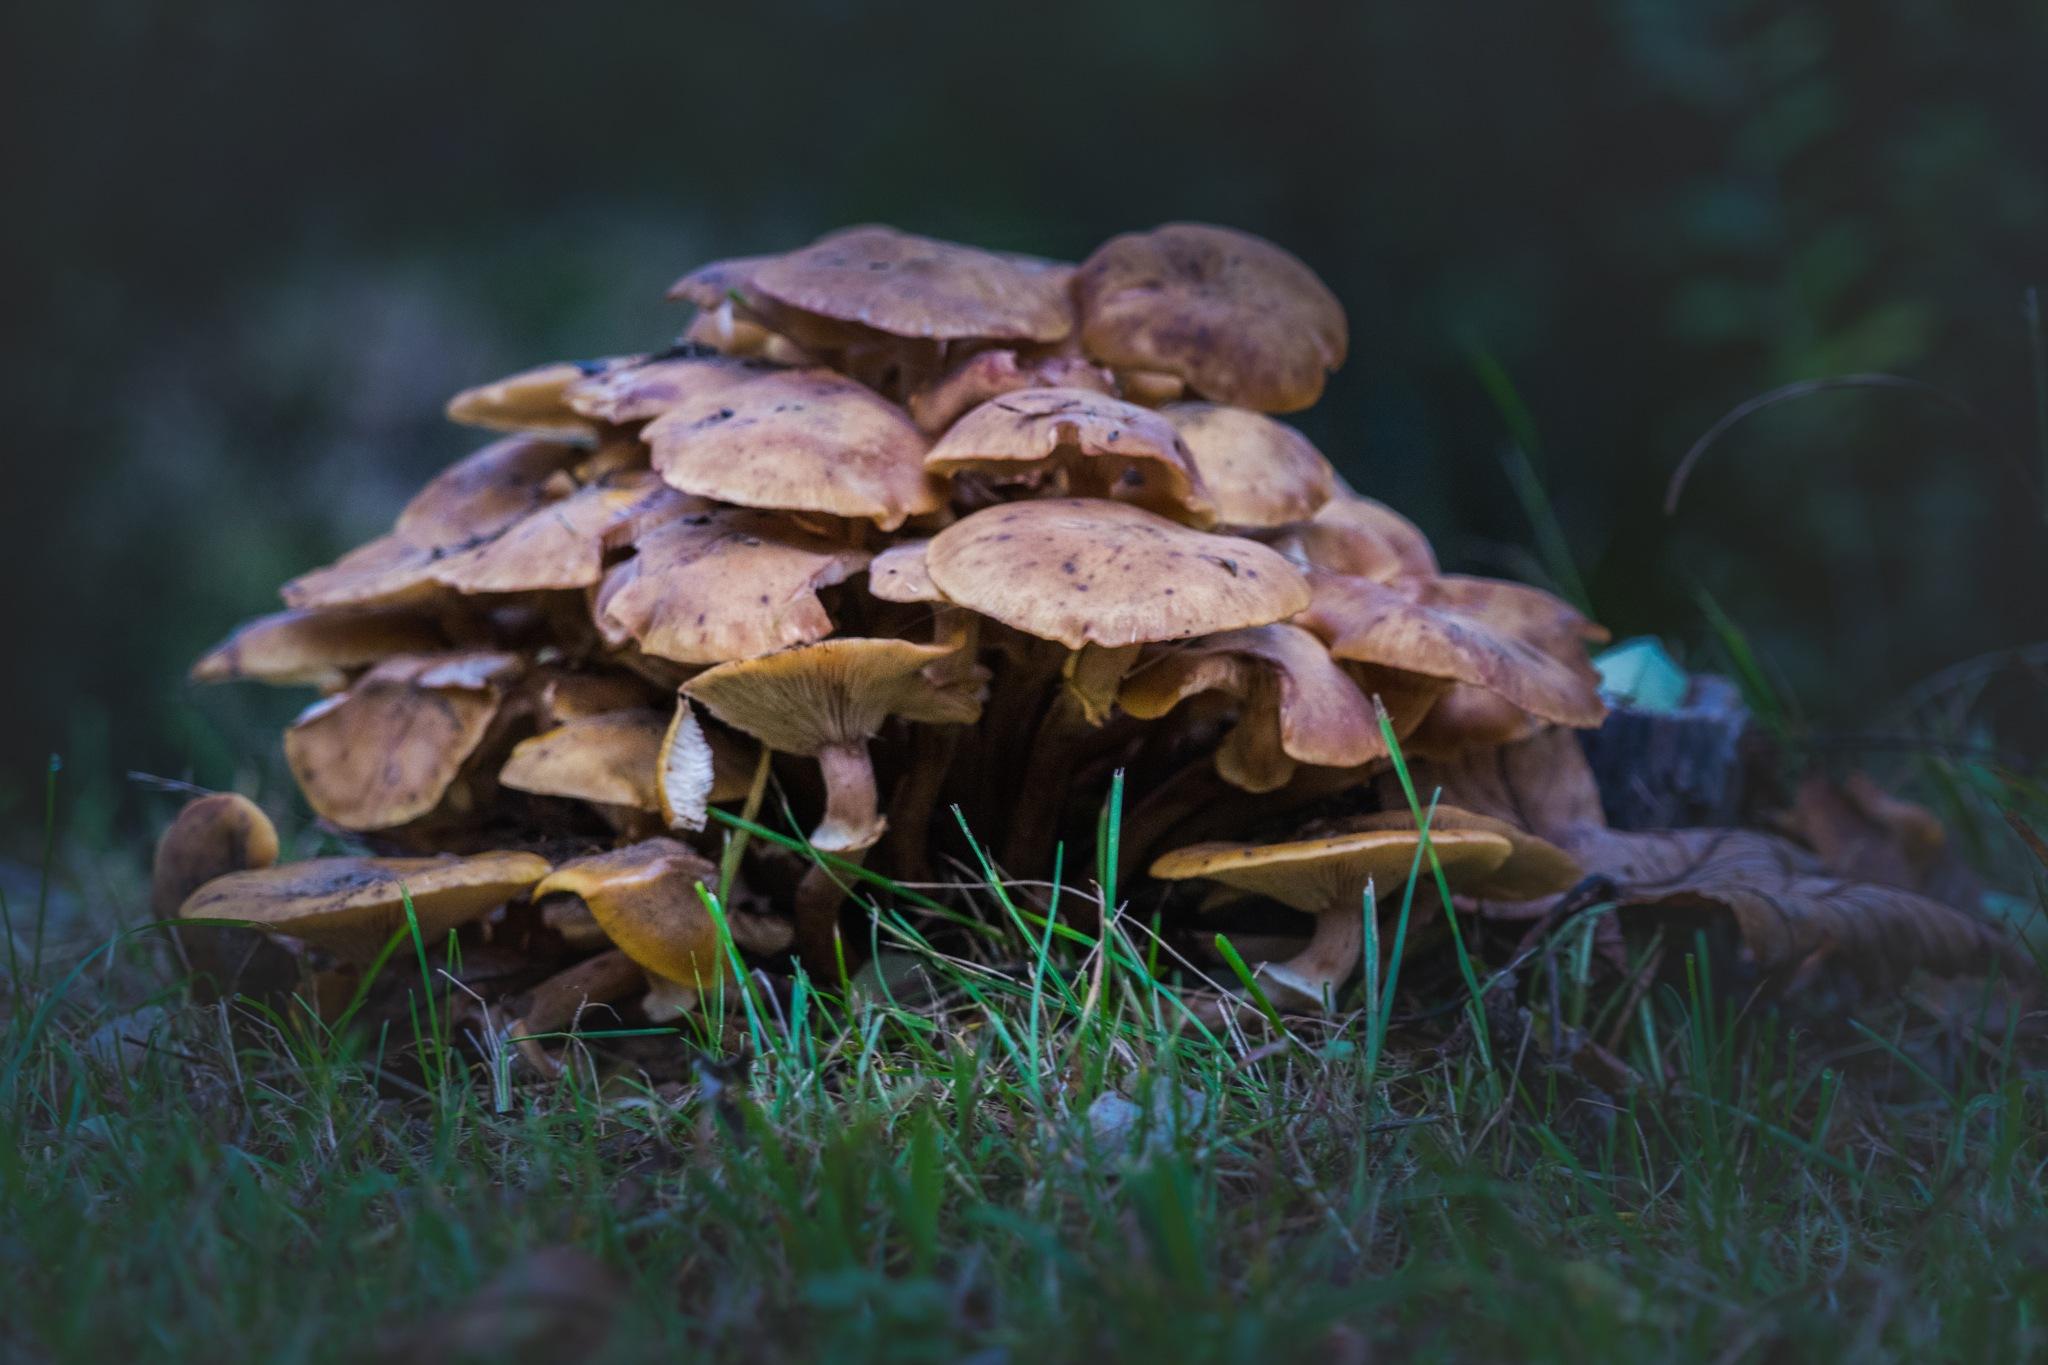 Nochmals Pilze im Überfluss by Hansjuerg Buehler